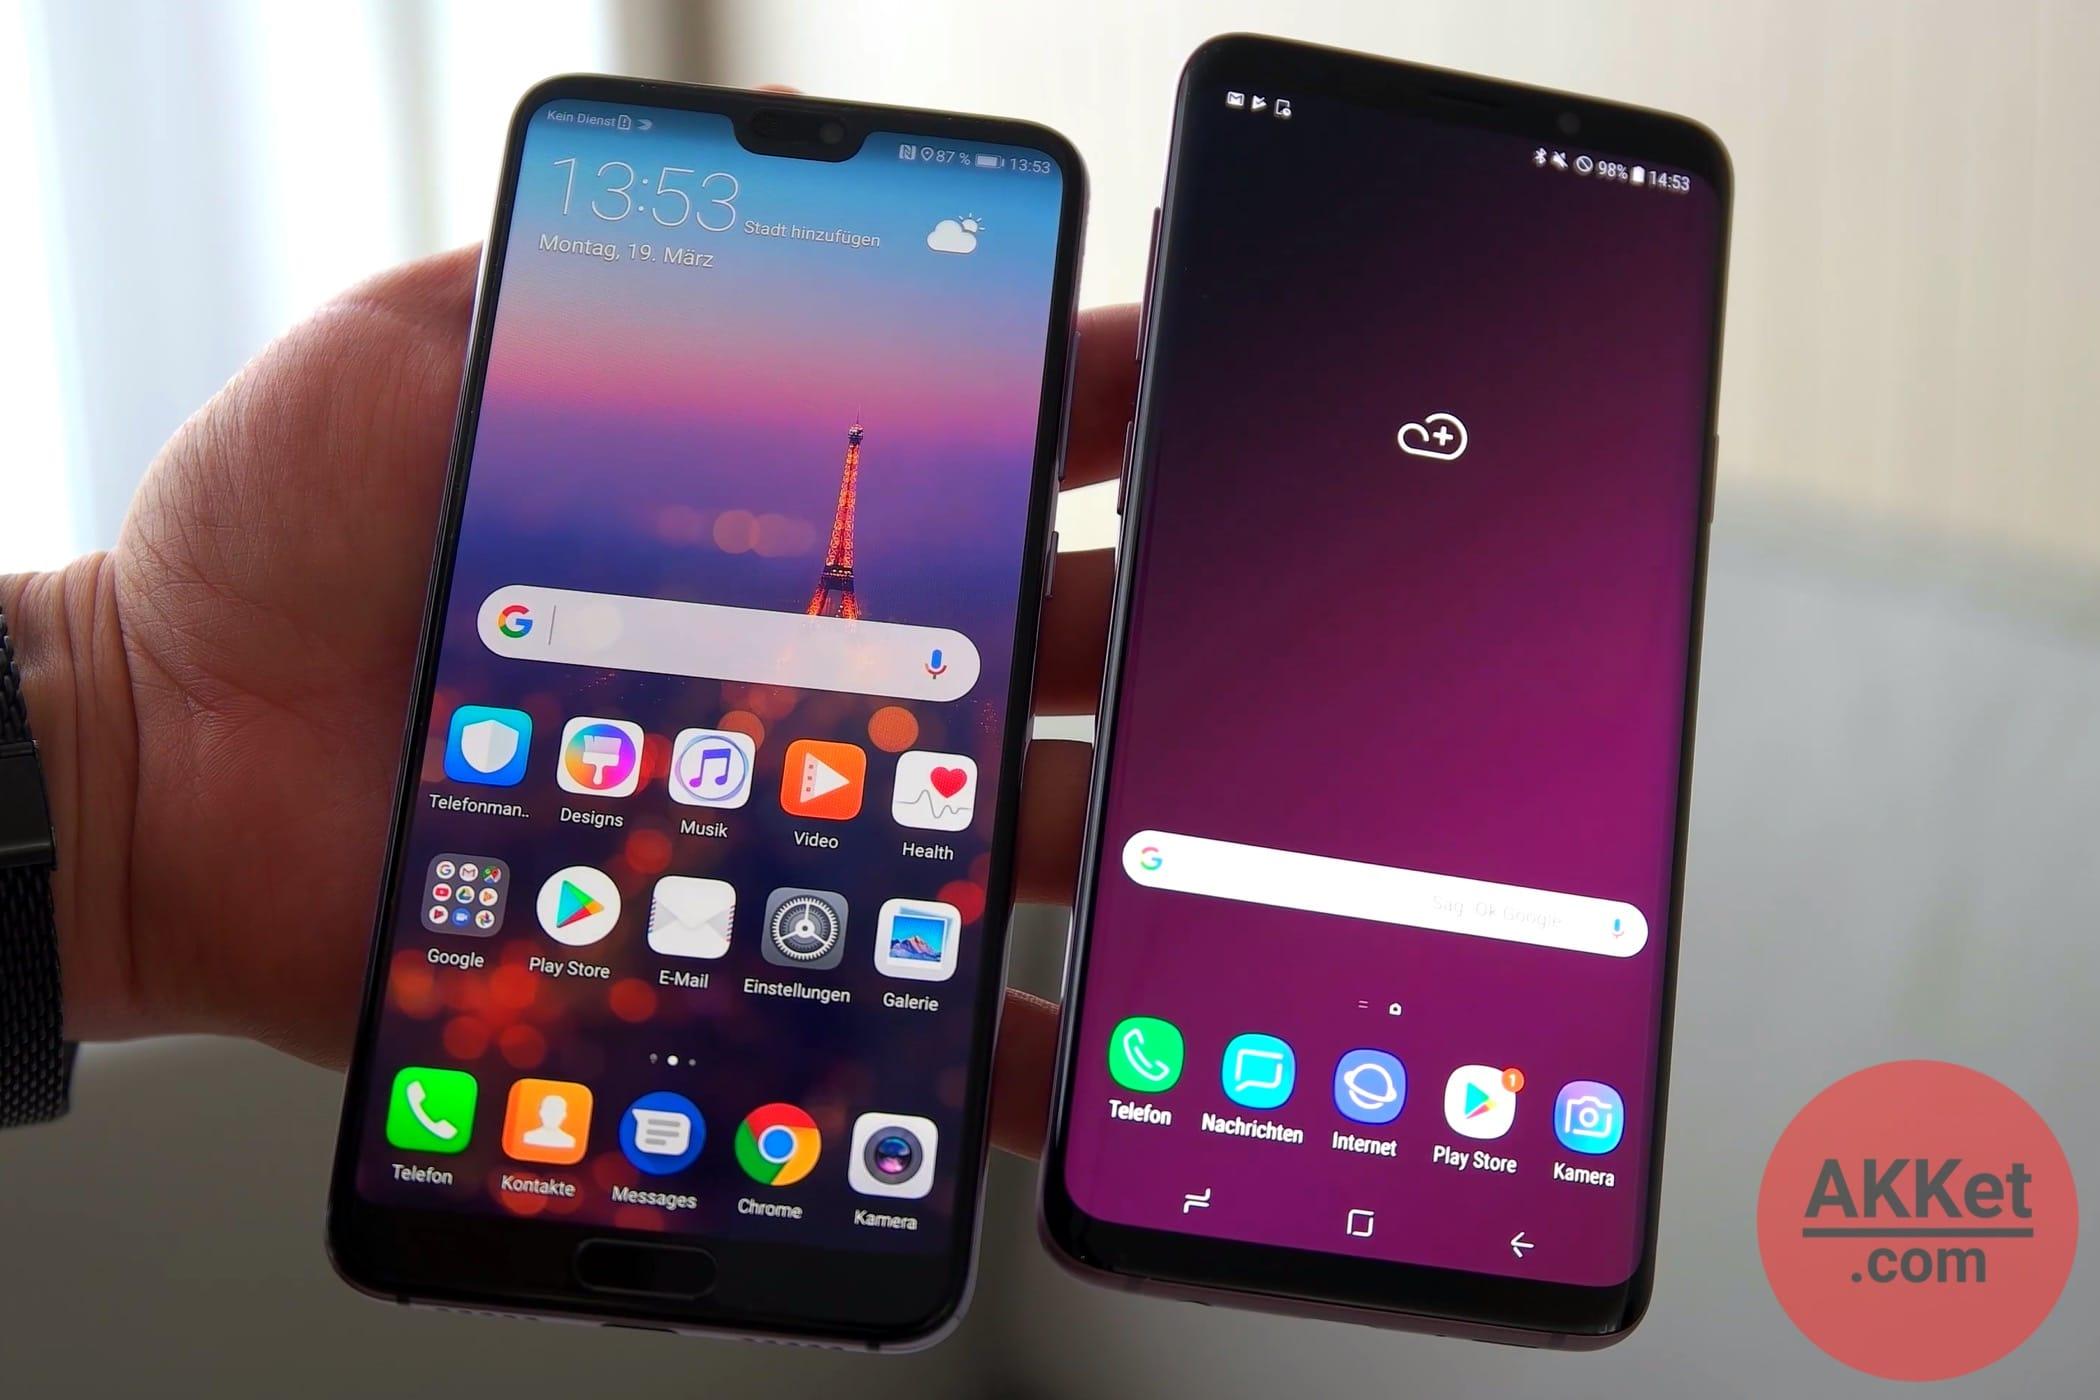 Скачать Игры На Андроид Huawei Без Кэша - …